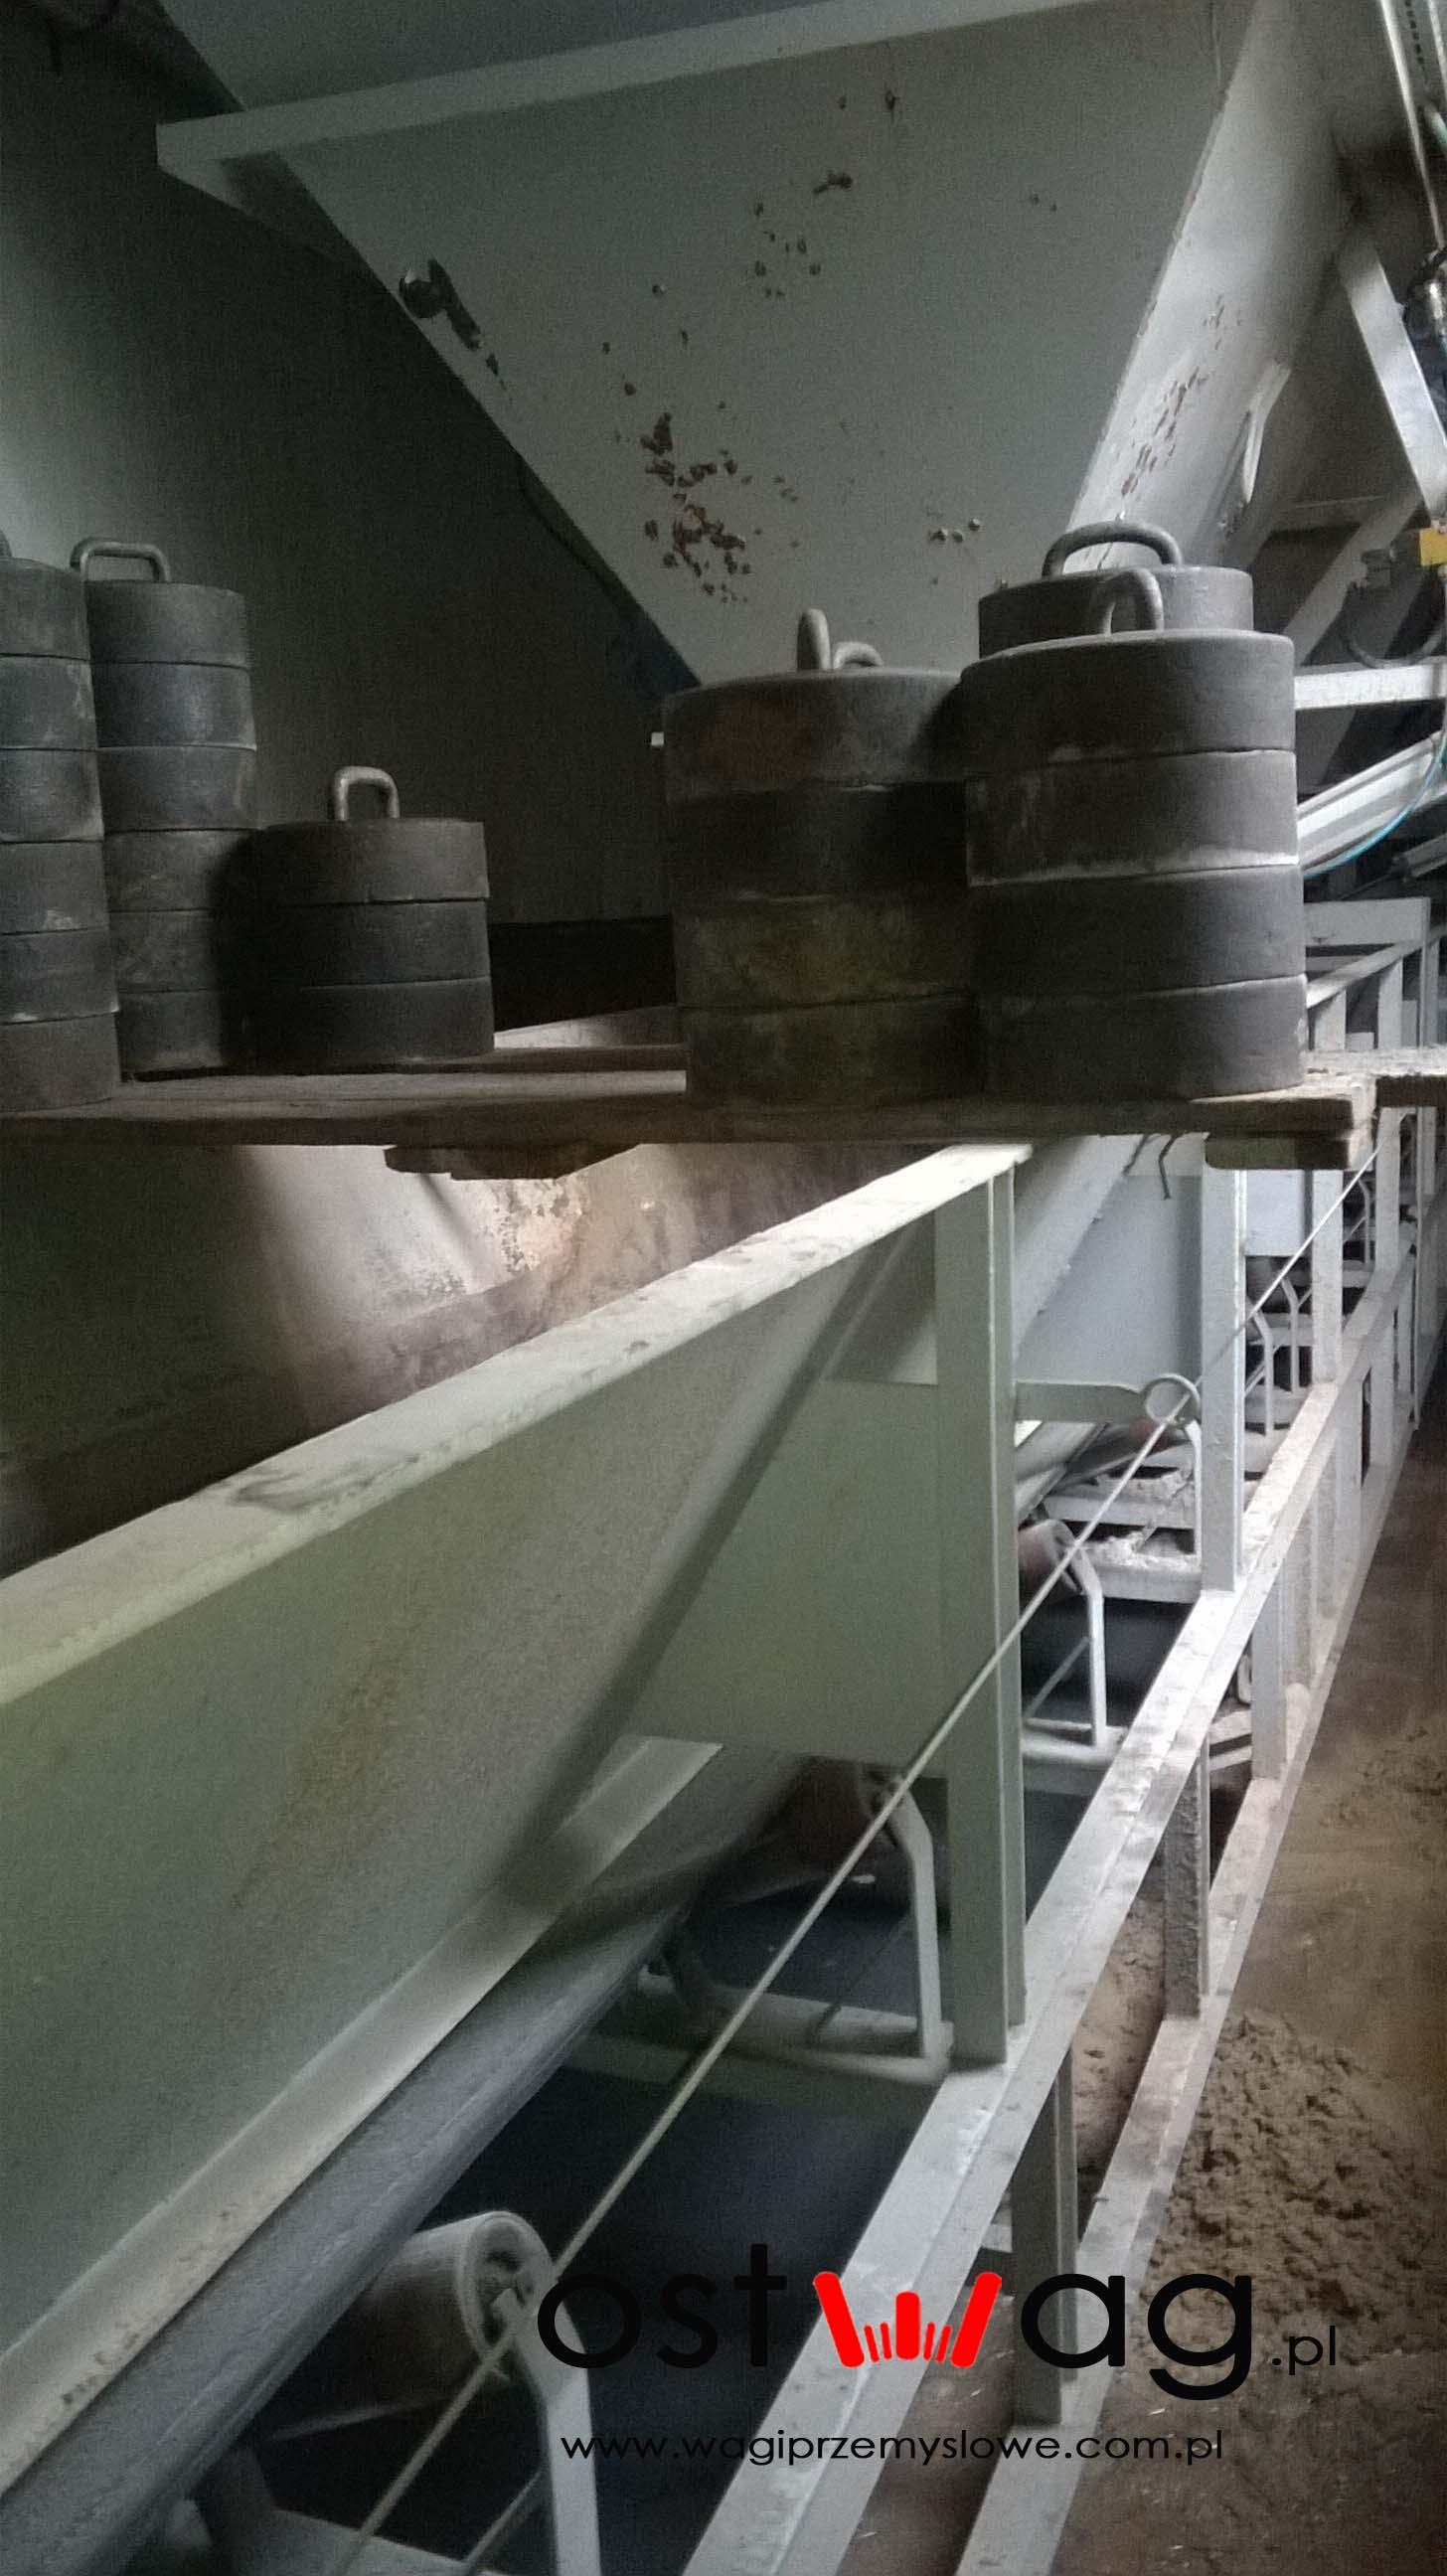 Wzorcowanie wag na węźle betoniarskim